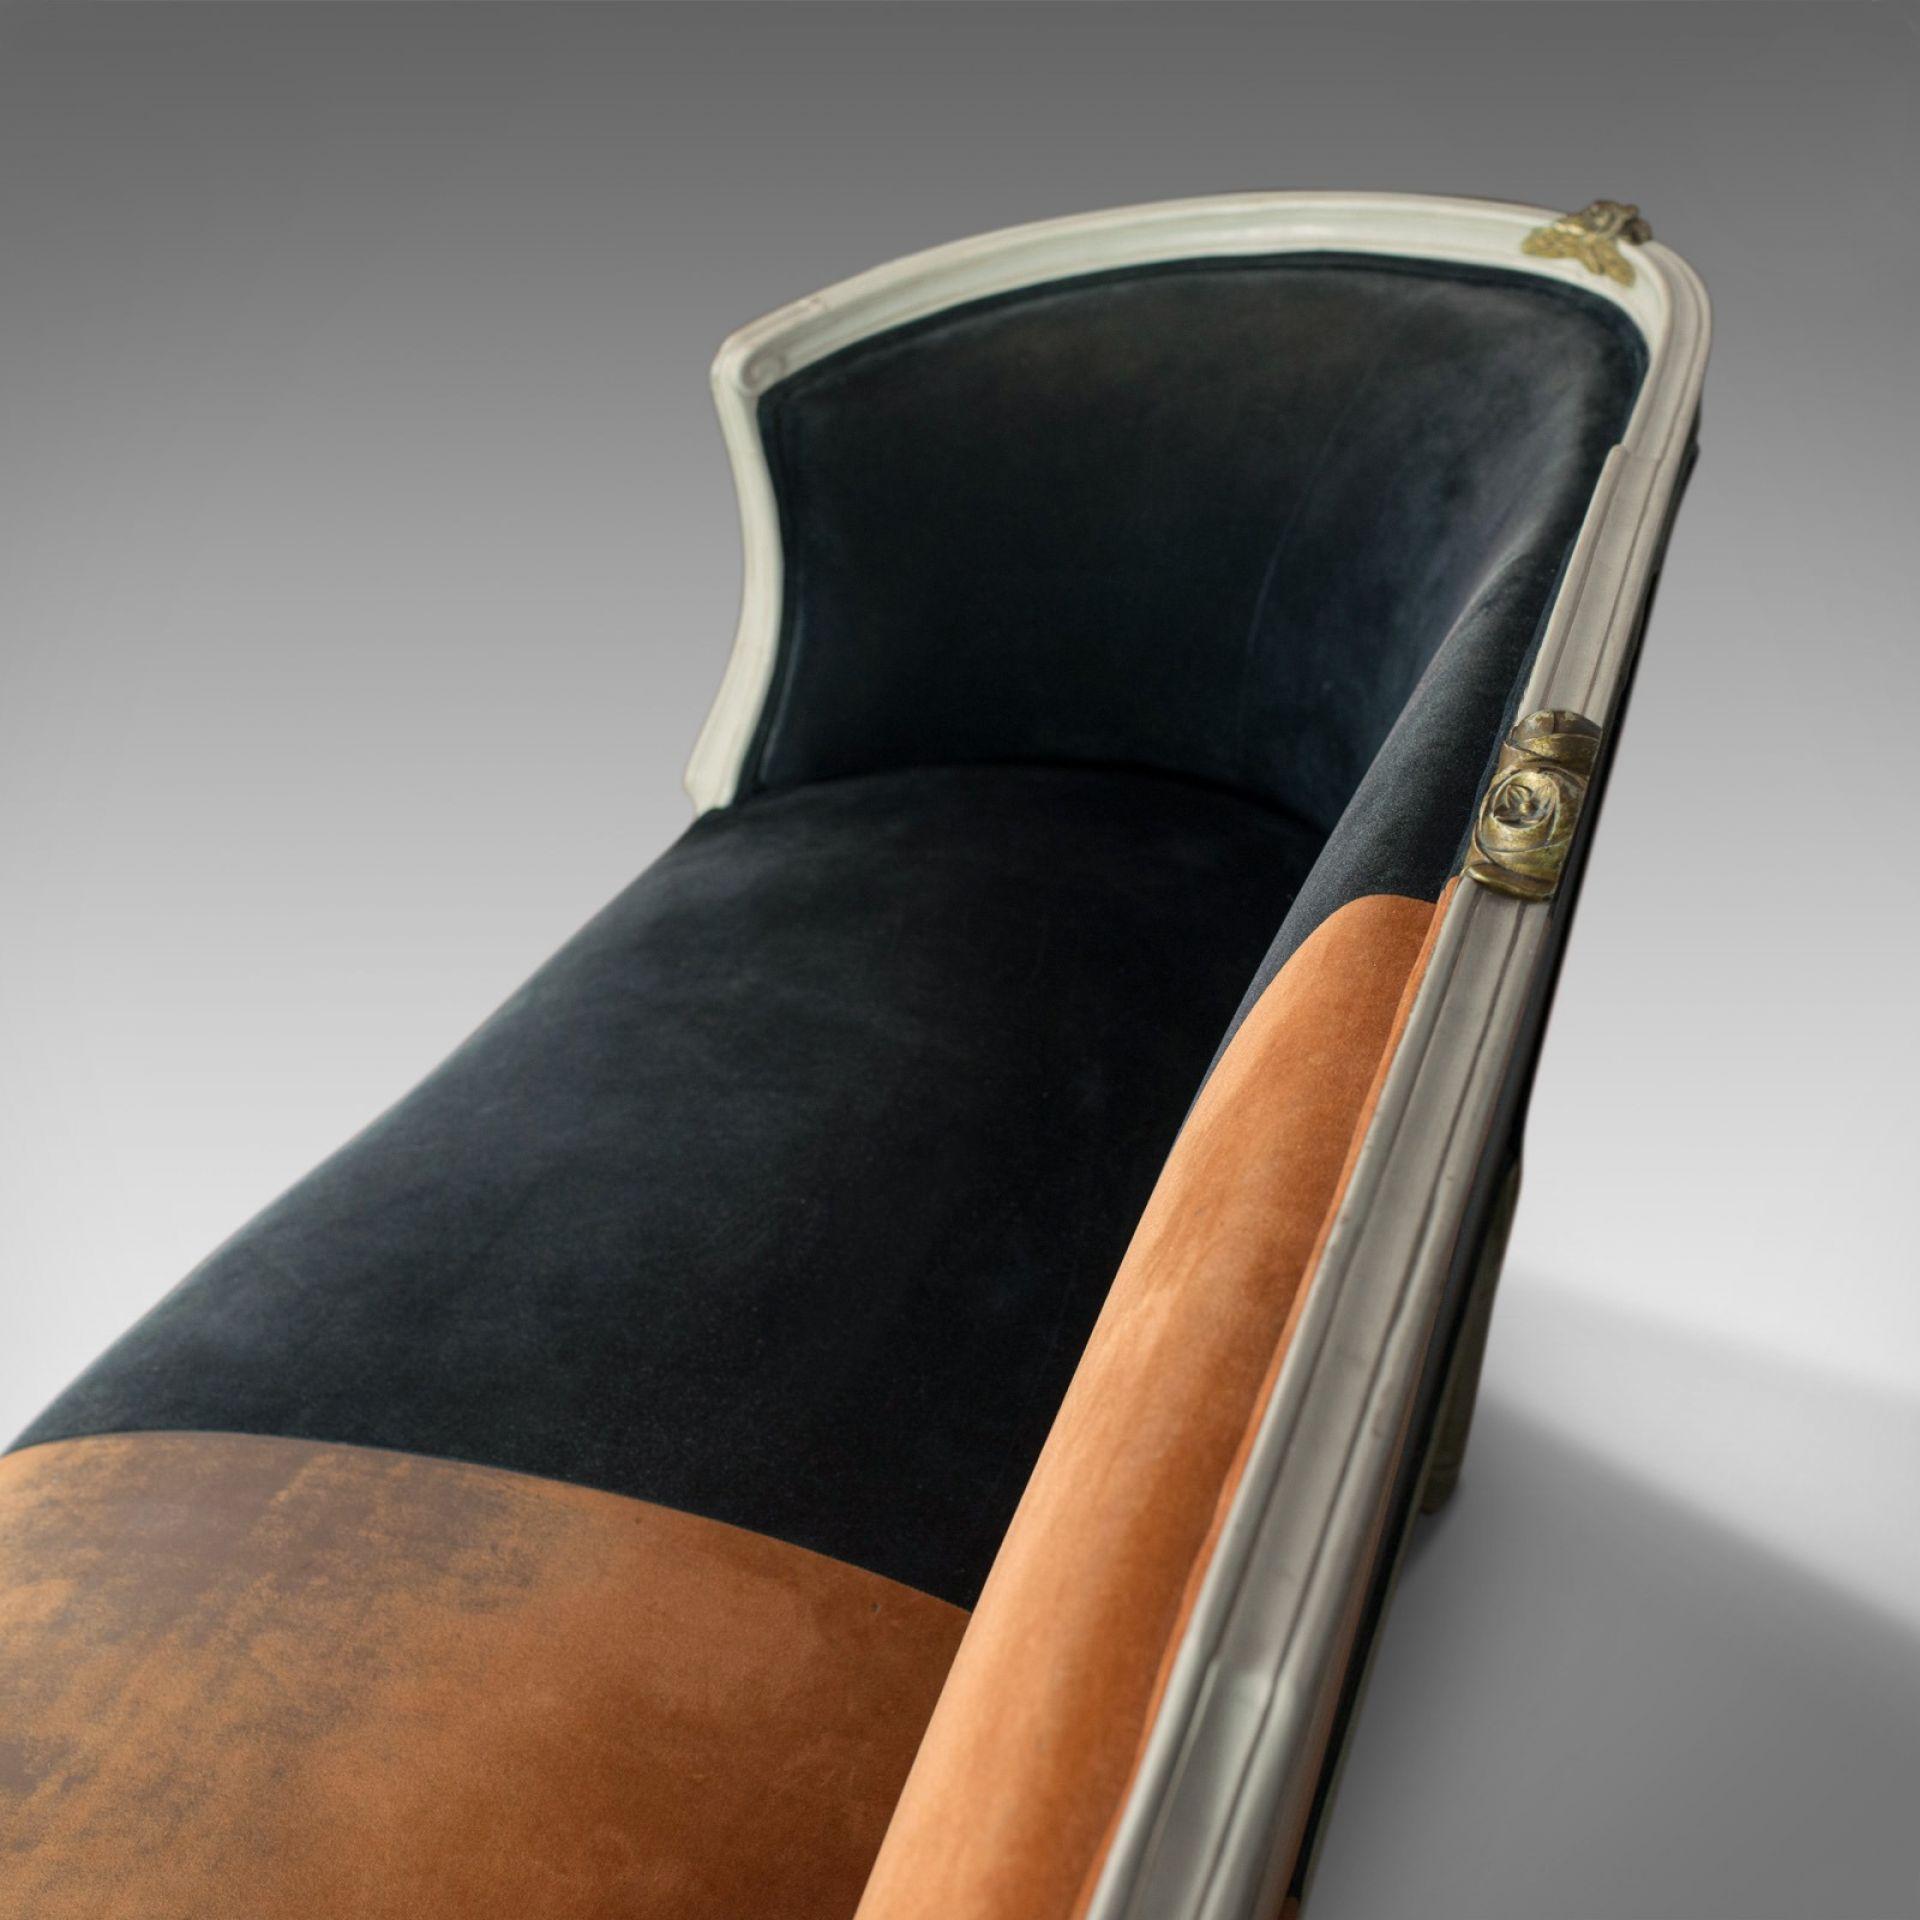 Vintage Canape Sofa, Louis XV Taste, French, Beech, Velour, Two Tone, Circa 1930